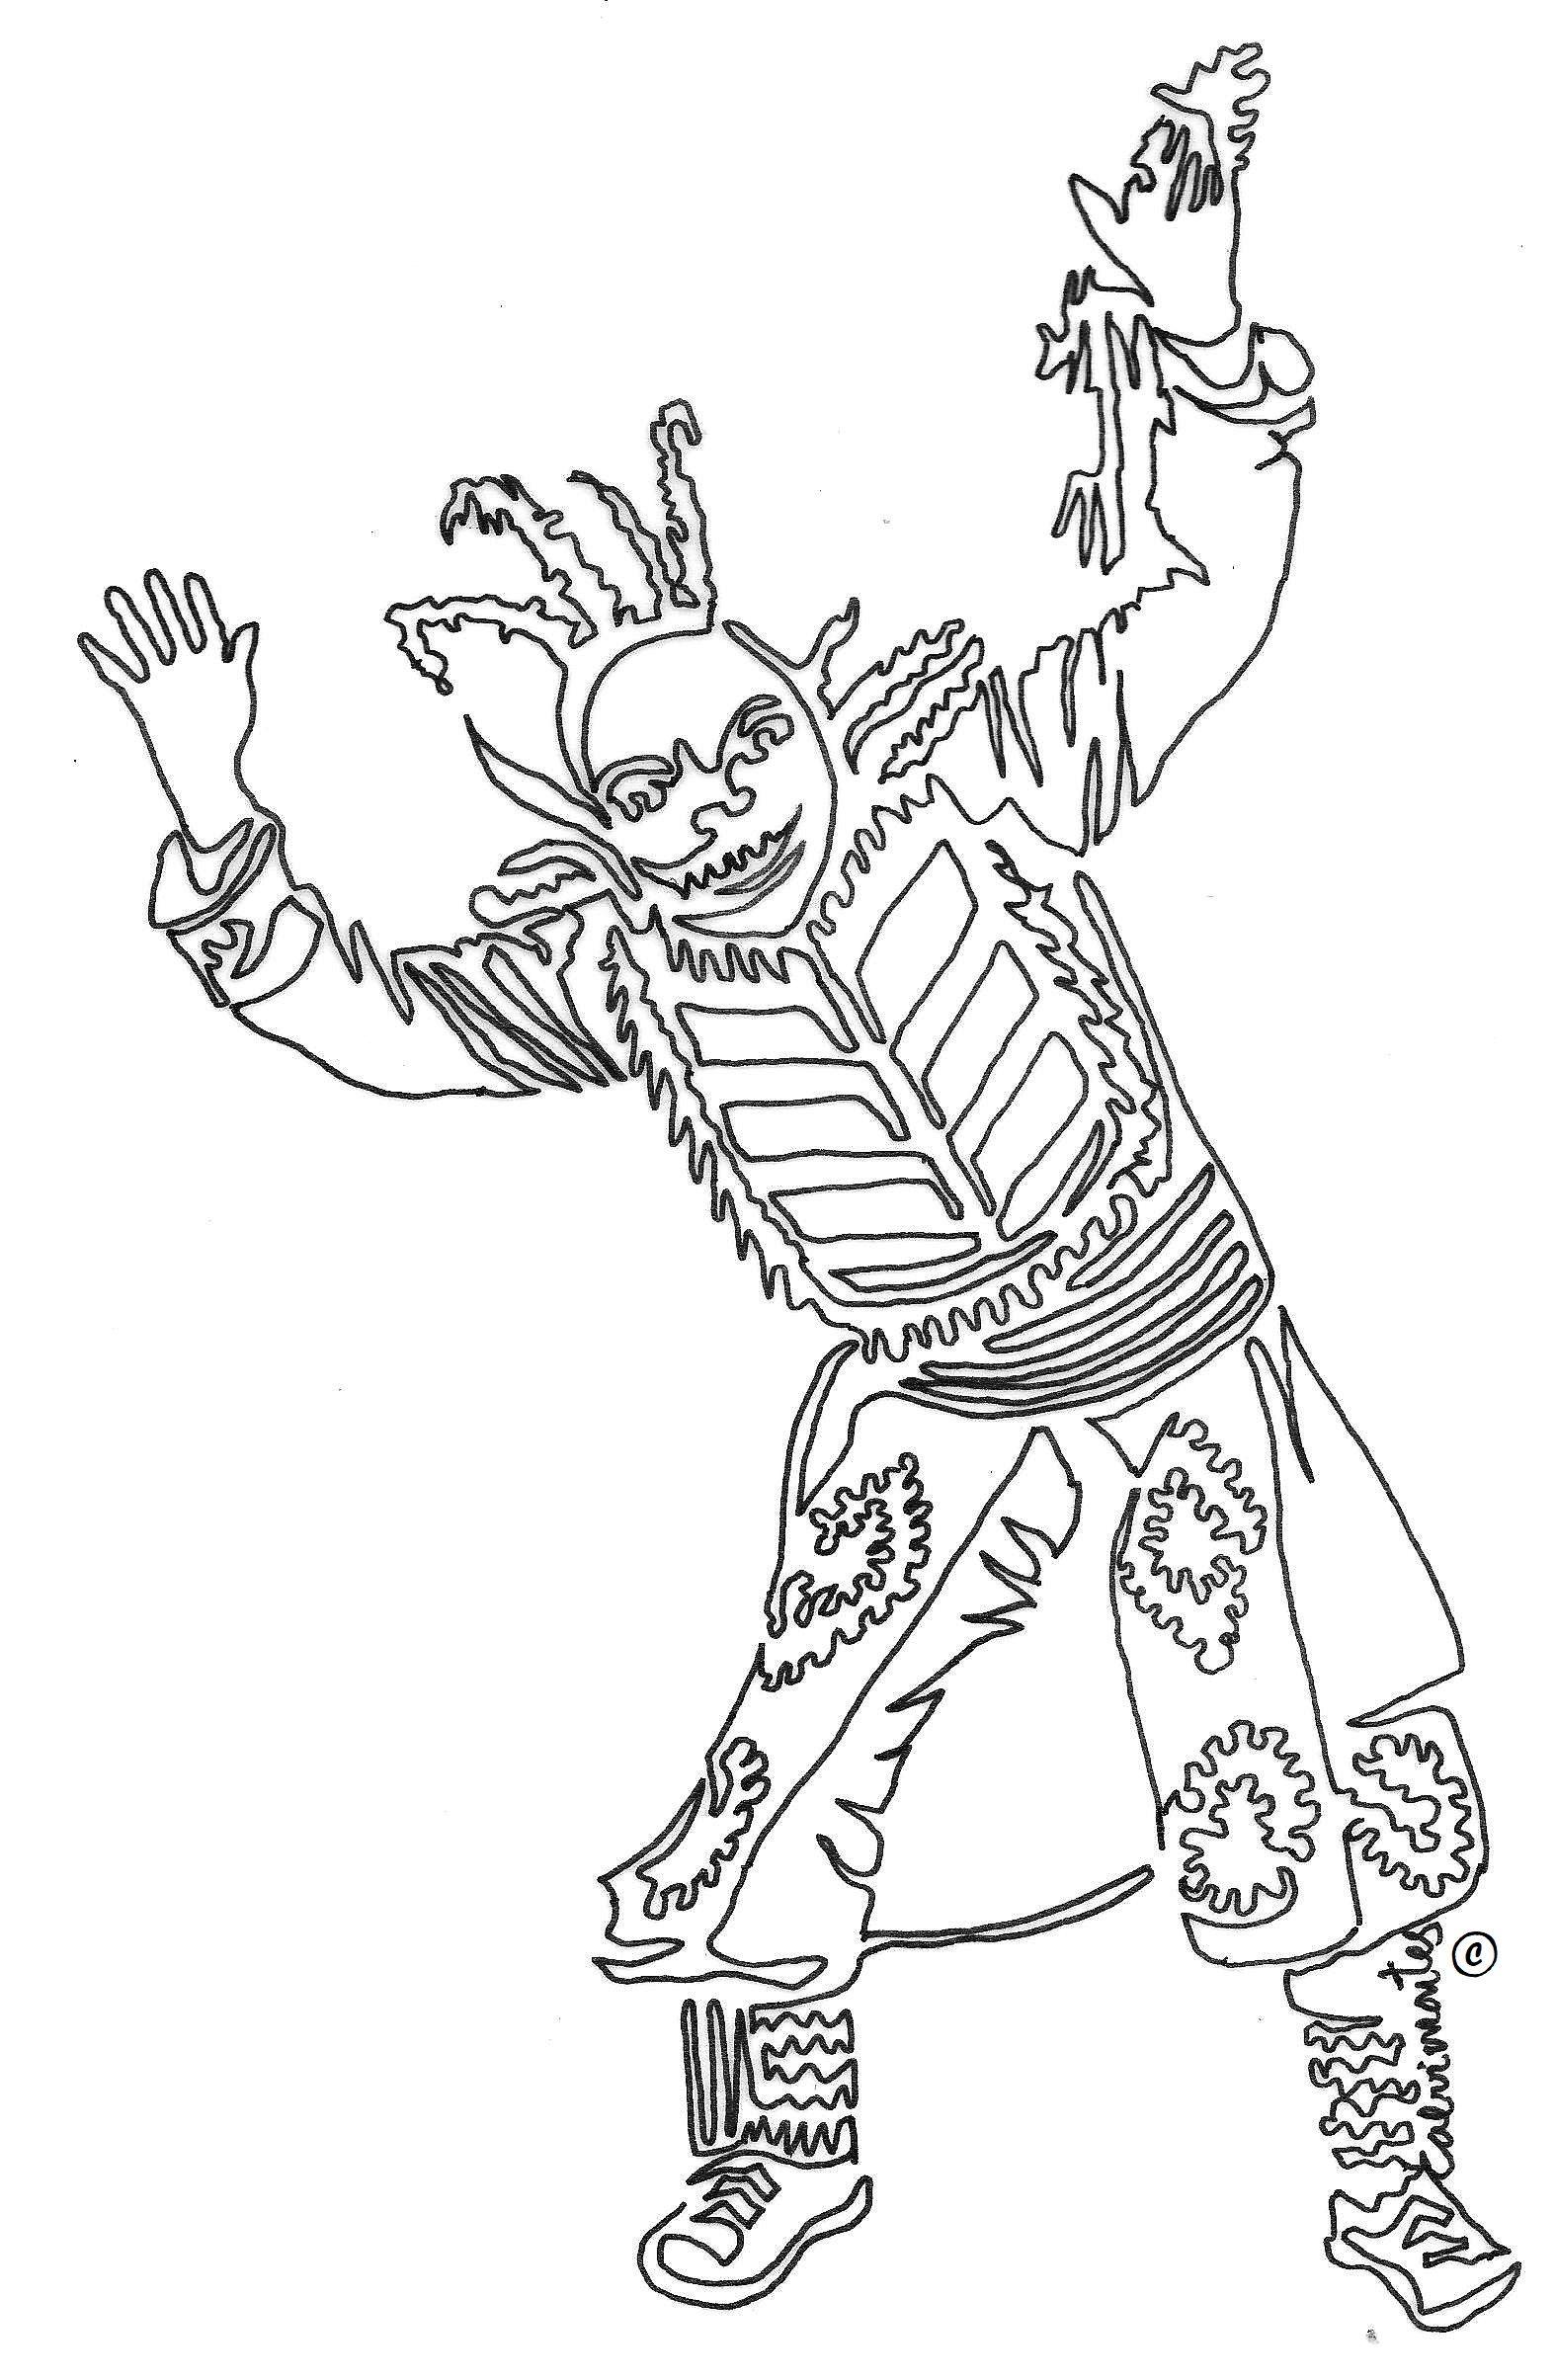 Kusillo Personaje Bufon Del Altiplano Boliviano Con Un Solo Trazo Por Carlos Calvimontes Rojas Dingbats Art Humanoid Sketch